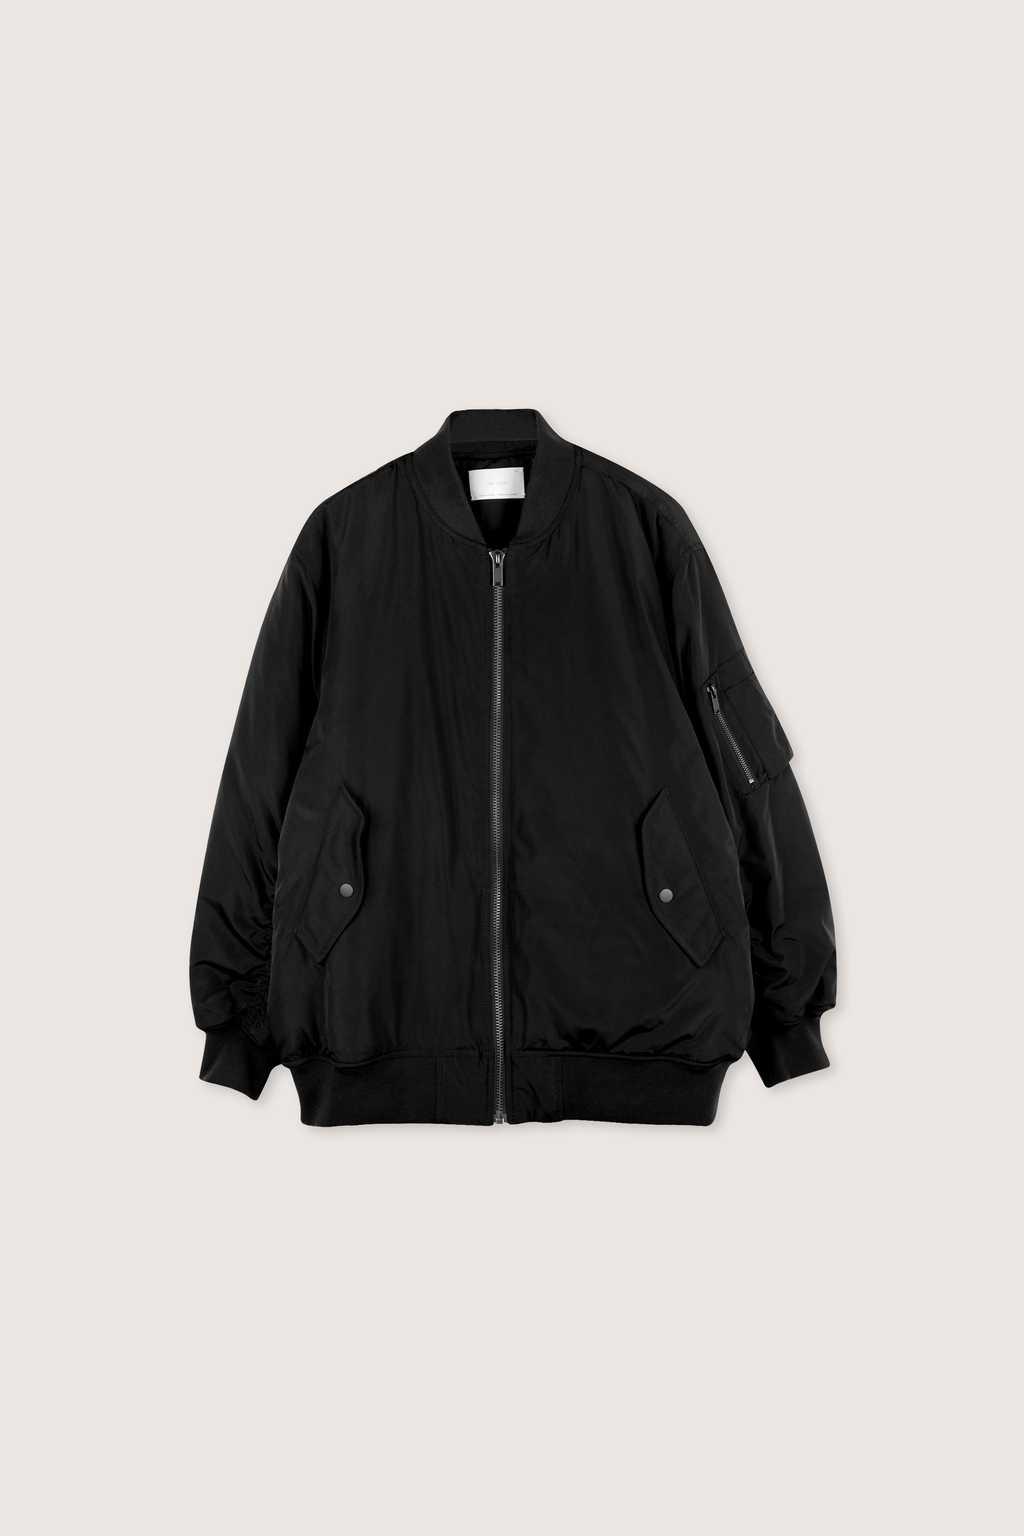 Bomber Jacket 1523 Black 9